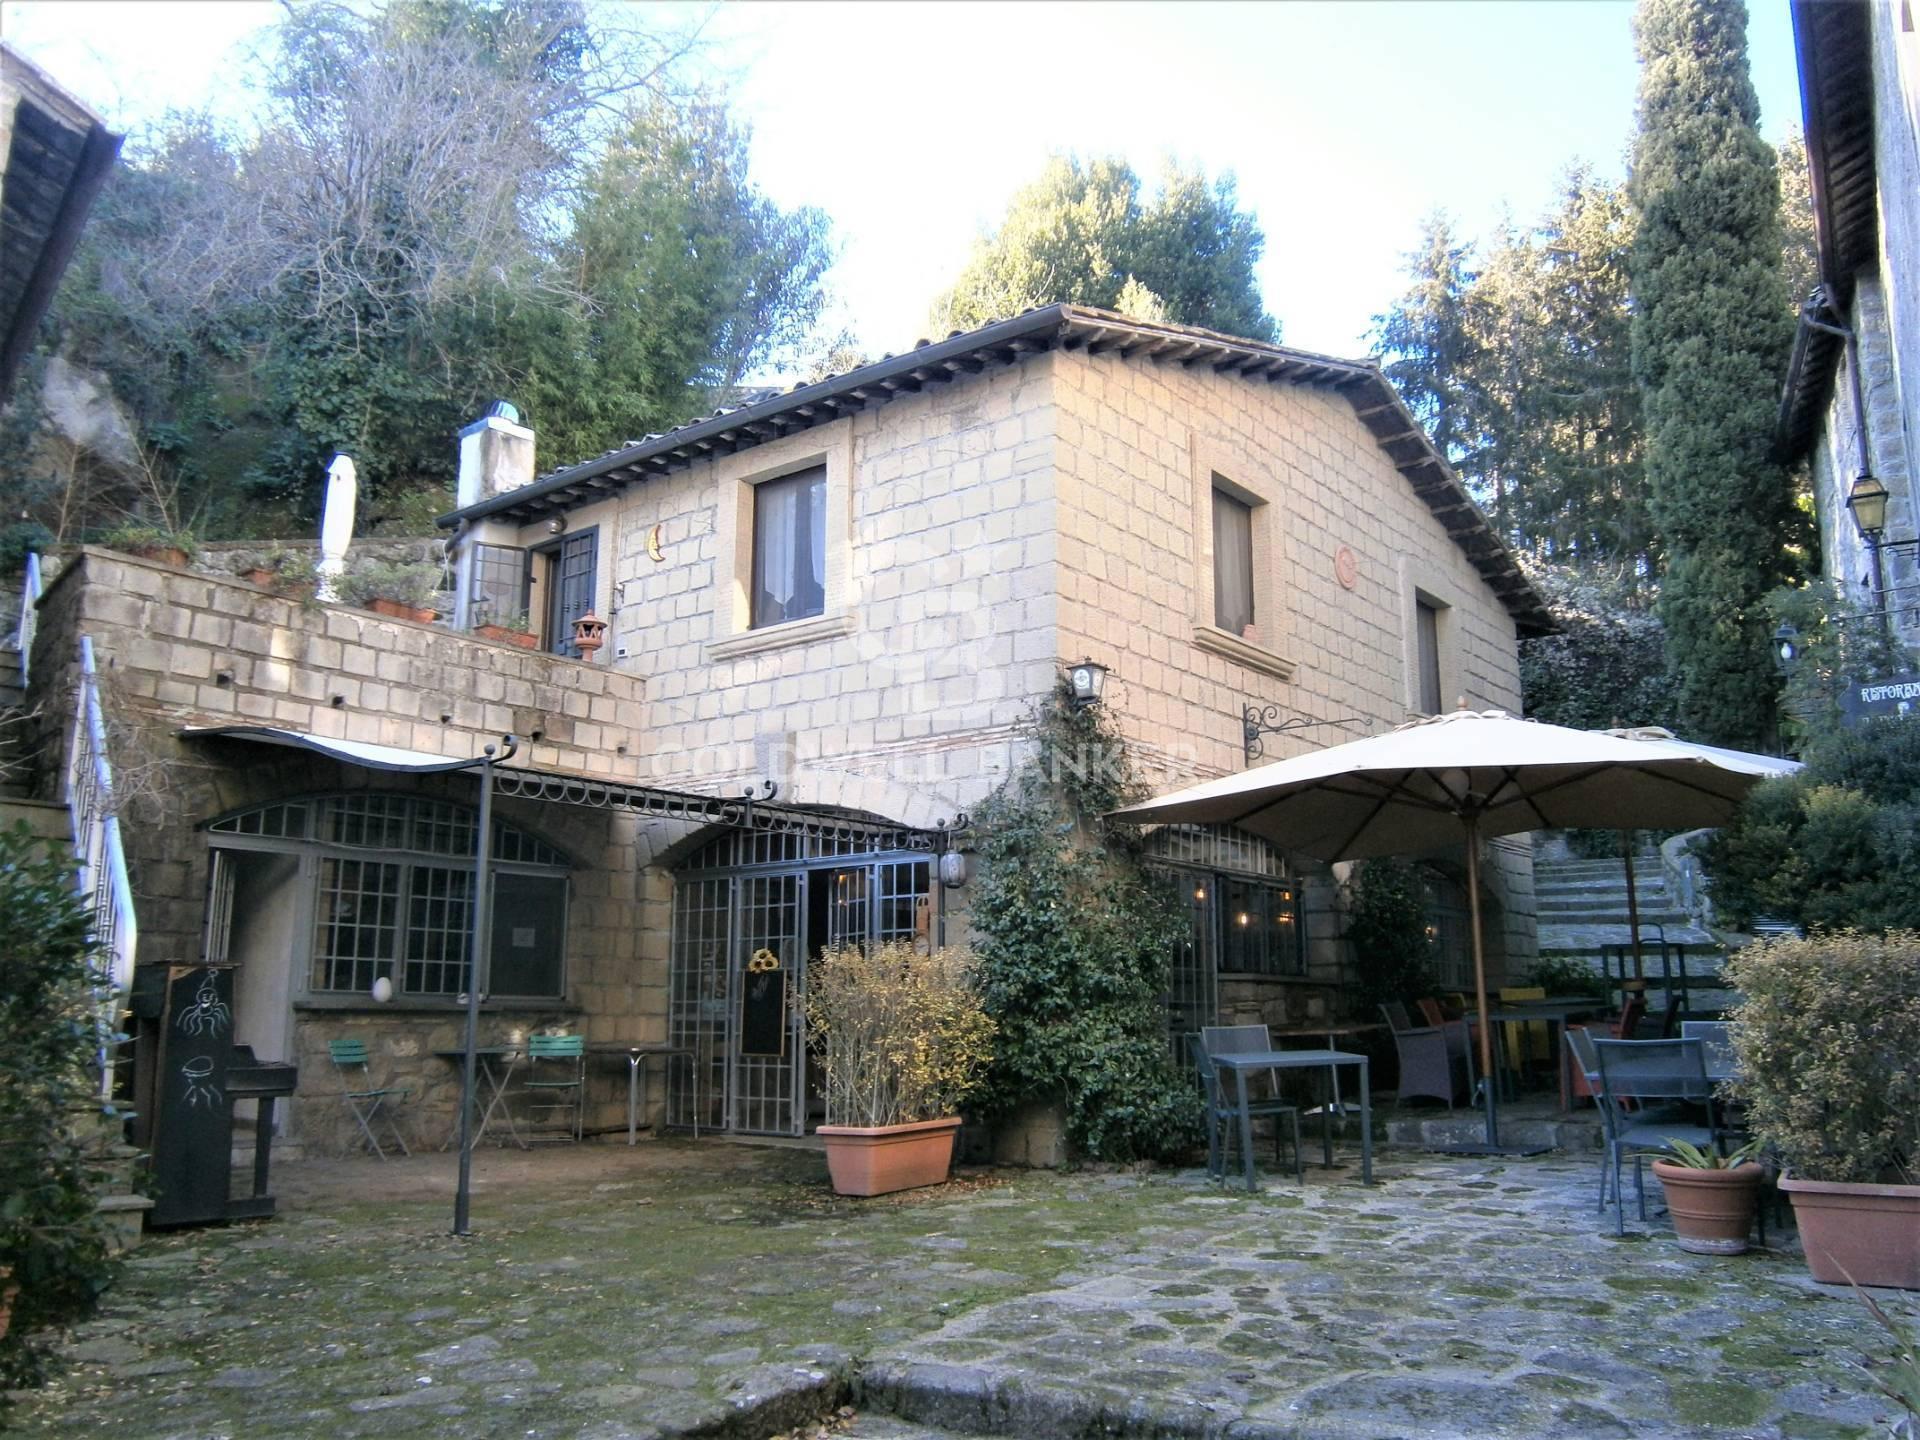 Appartamento in vendita a Bassano in Teverina, 5 locali, prezzo € 110.000 | PortaleAgenzieImmobiliari.it